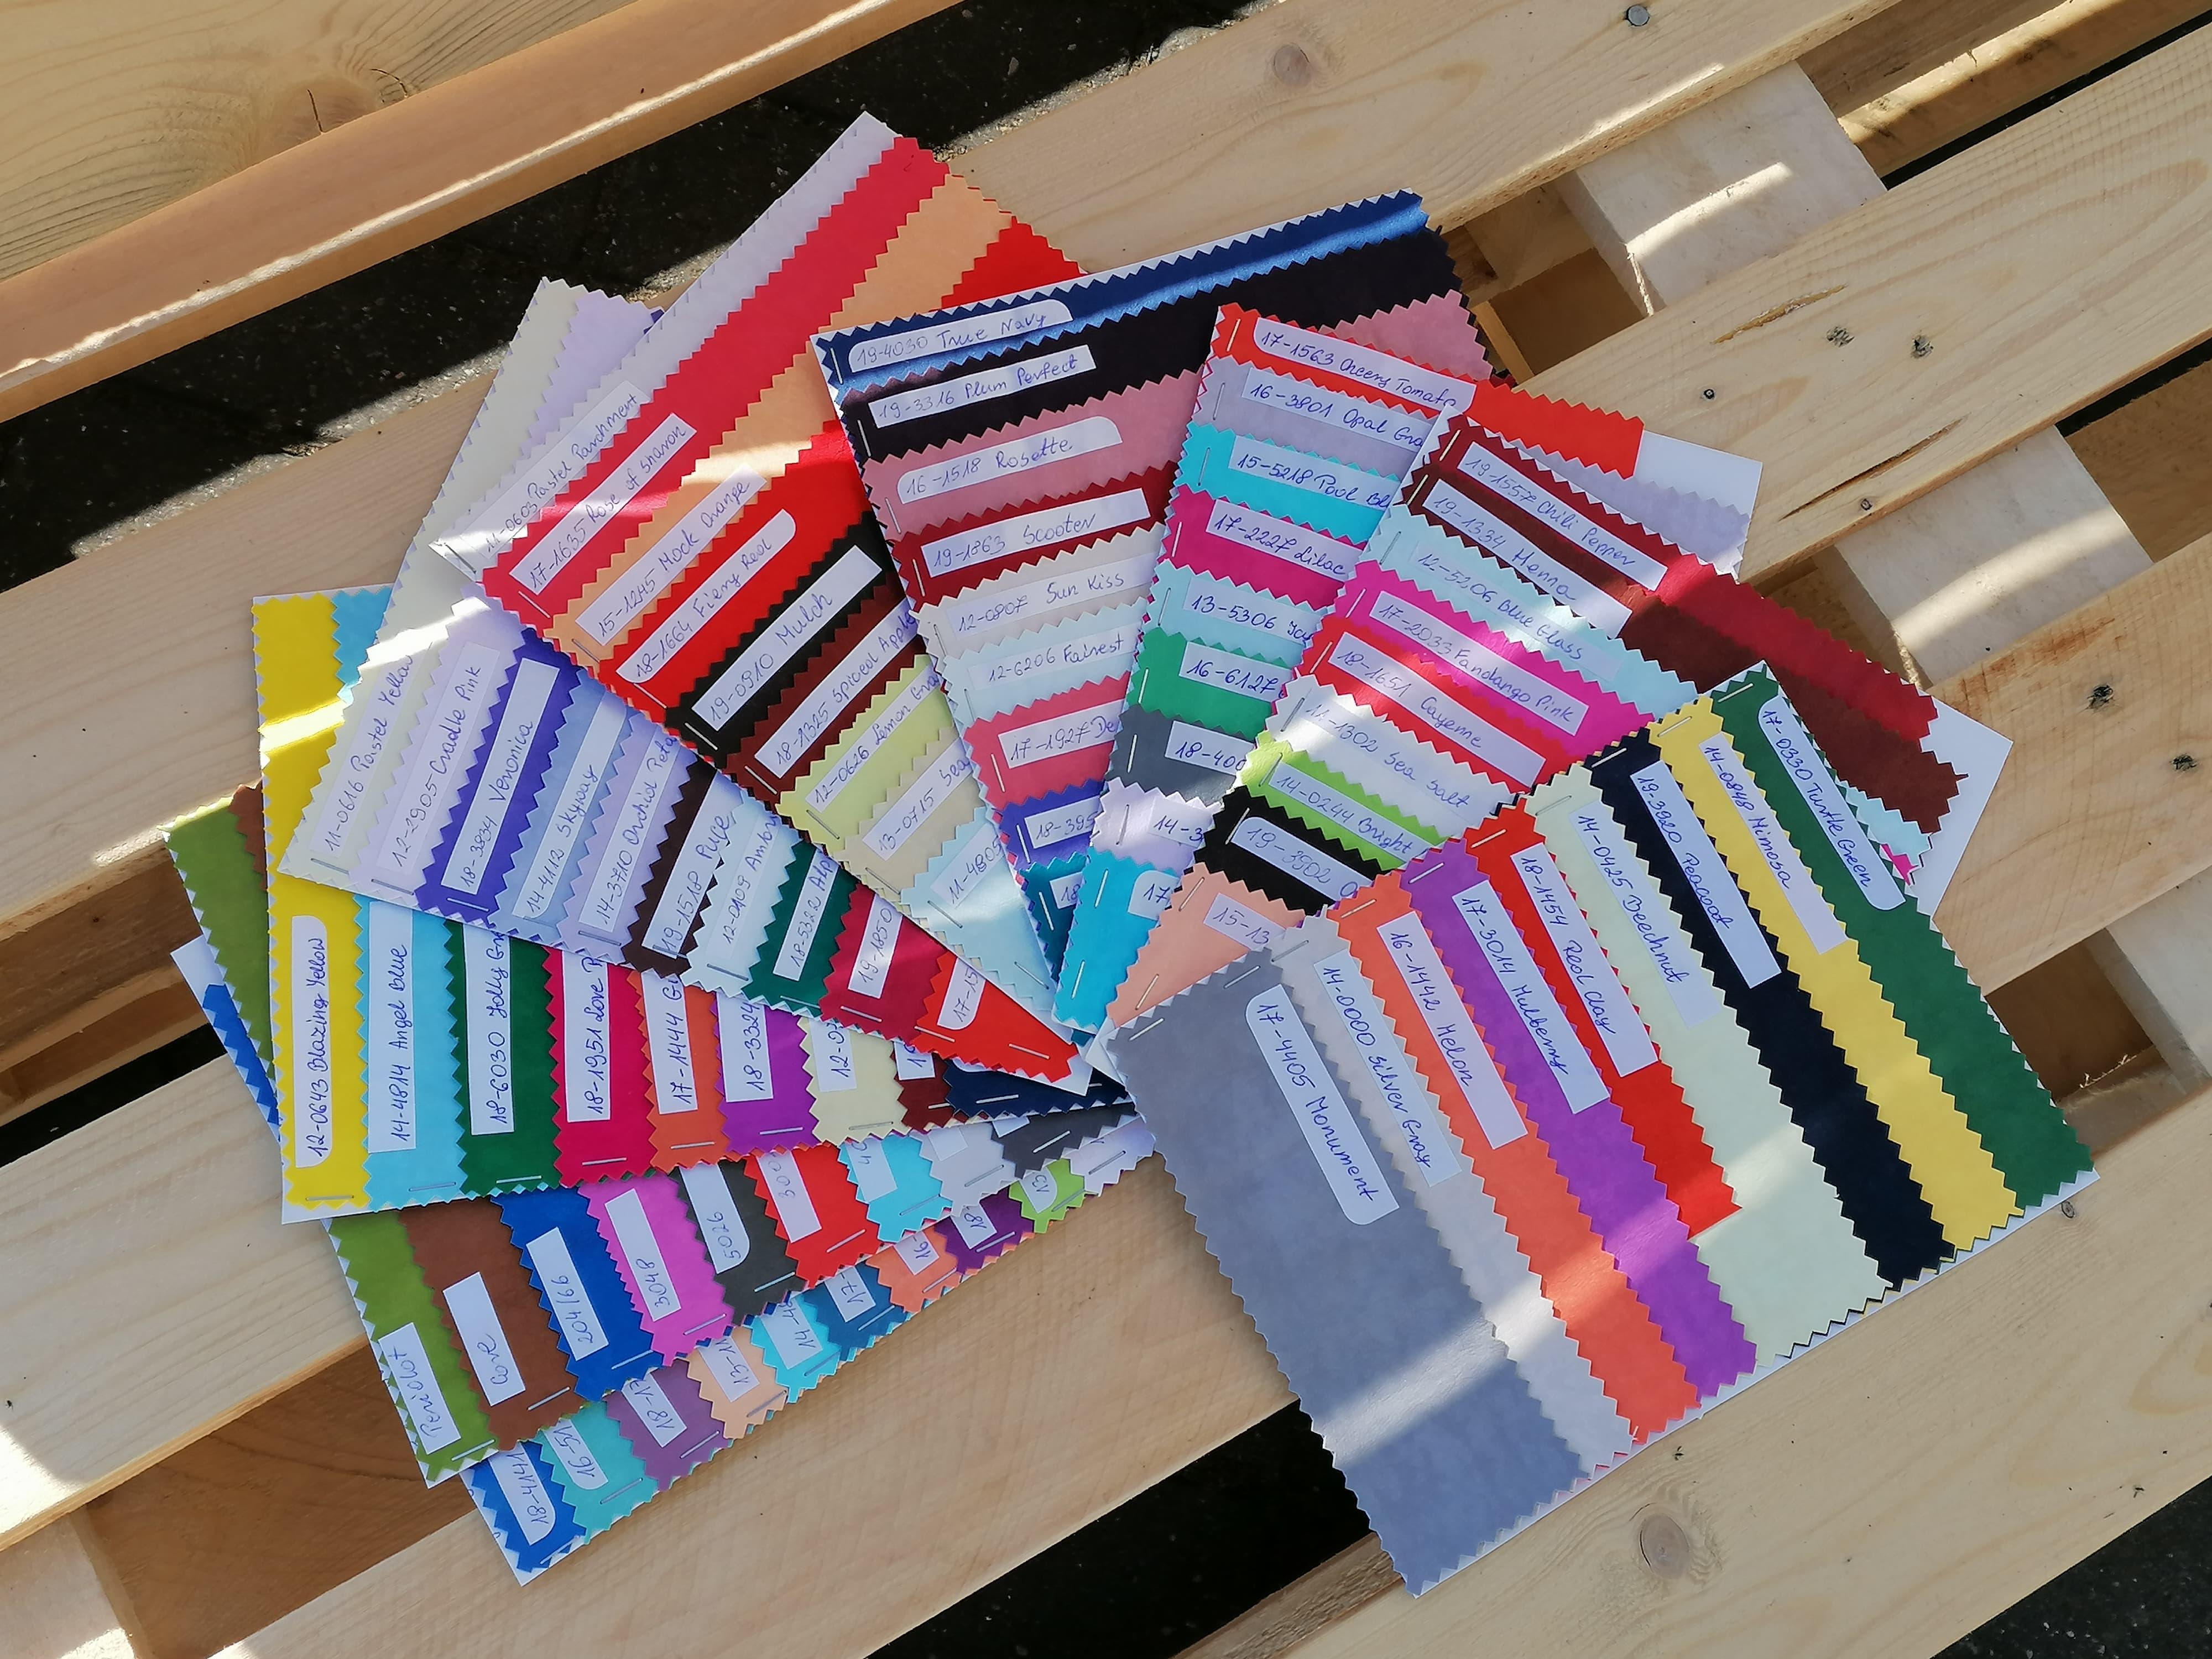 wzornik kolorów washpapy do farbowania - sklep Alternative Textiles